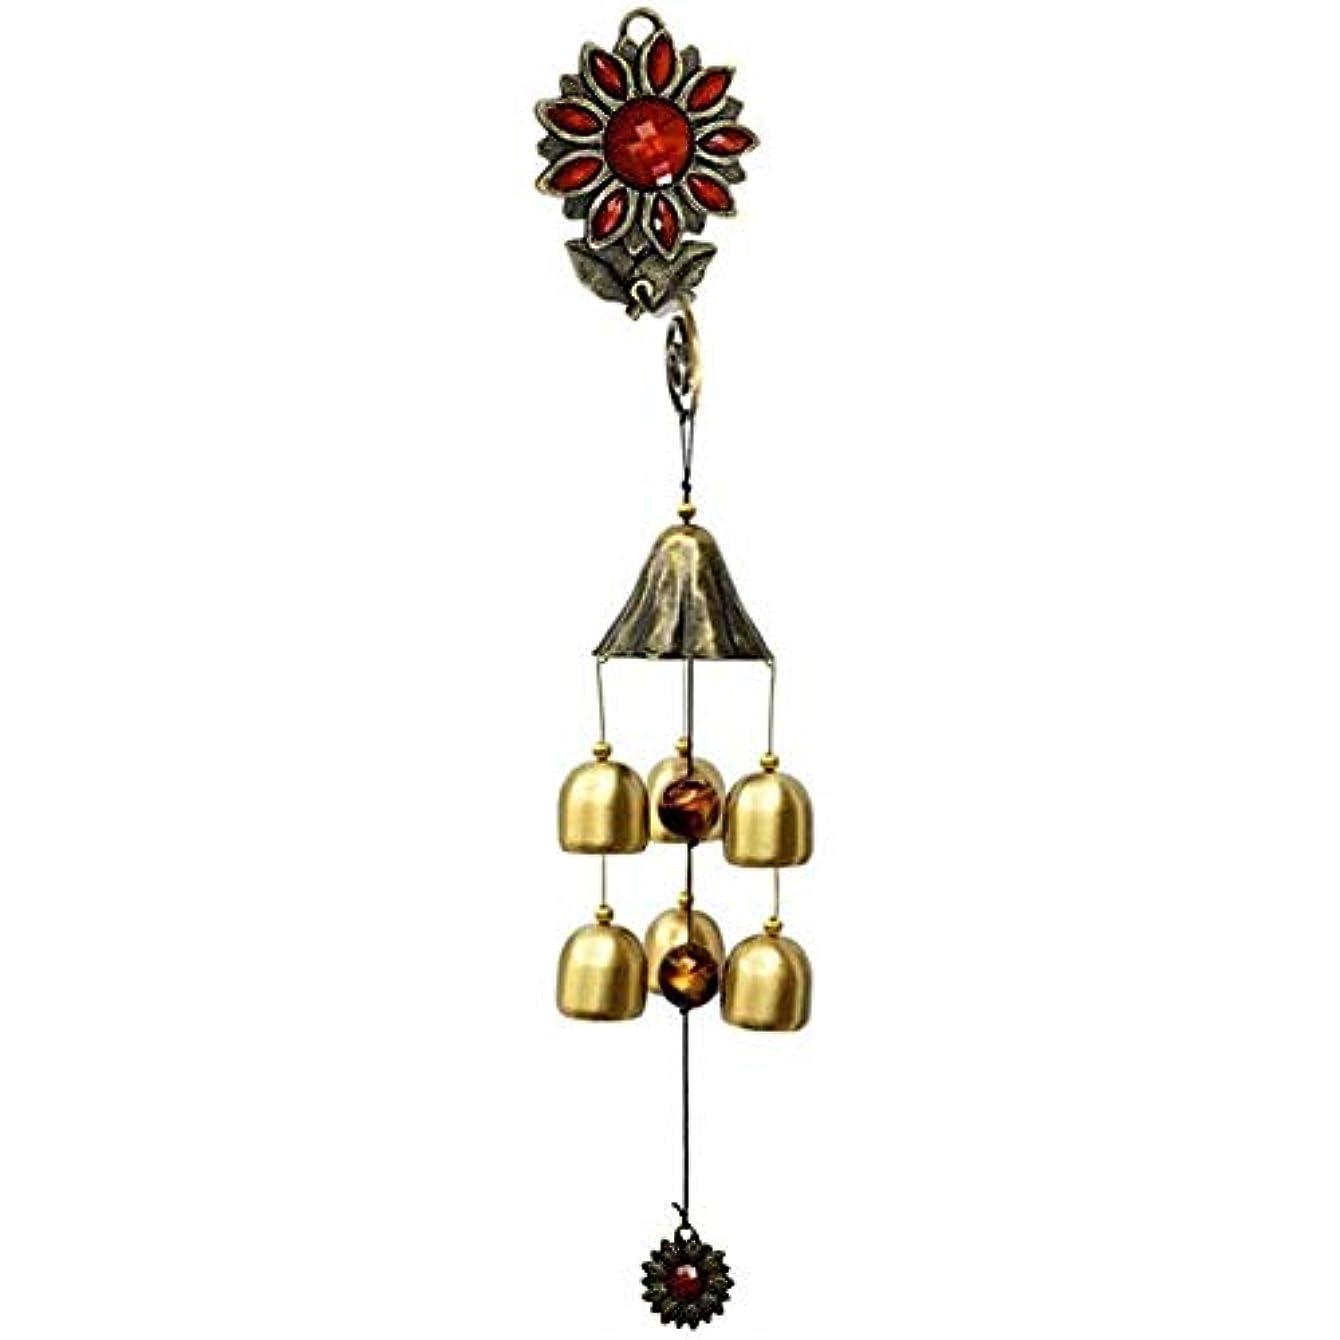 口頭ベリ兵士Qiyuezhuangshi 風チャイム、ガーデンメタルクリエイティブひまわり風の鐘、グリーン、全長約35CM,美しいホリデーギフト (Color : Red)